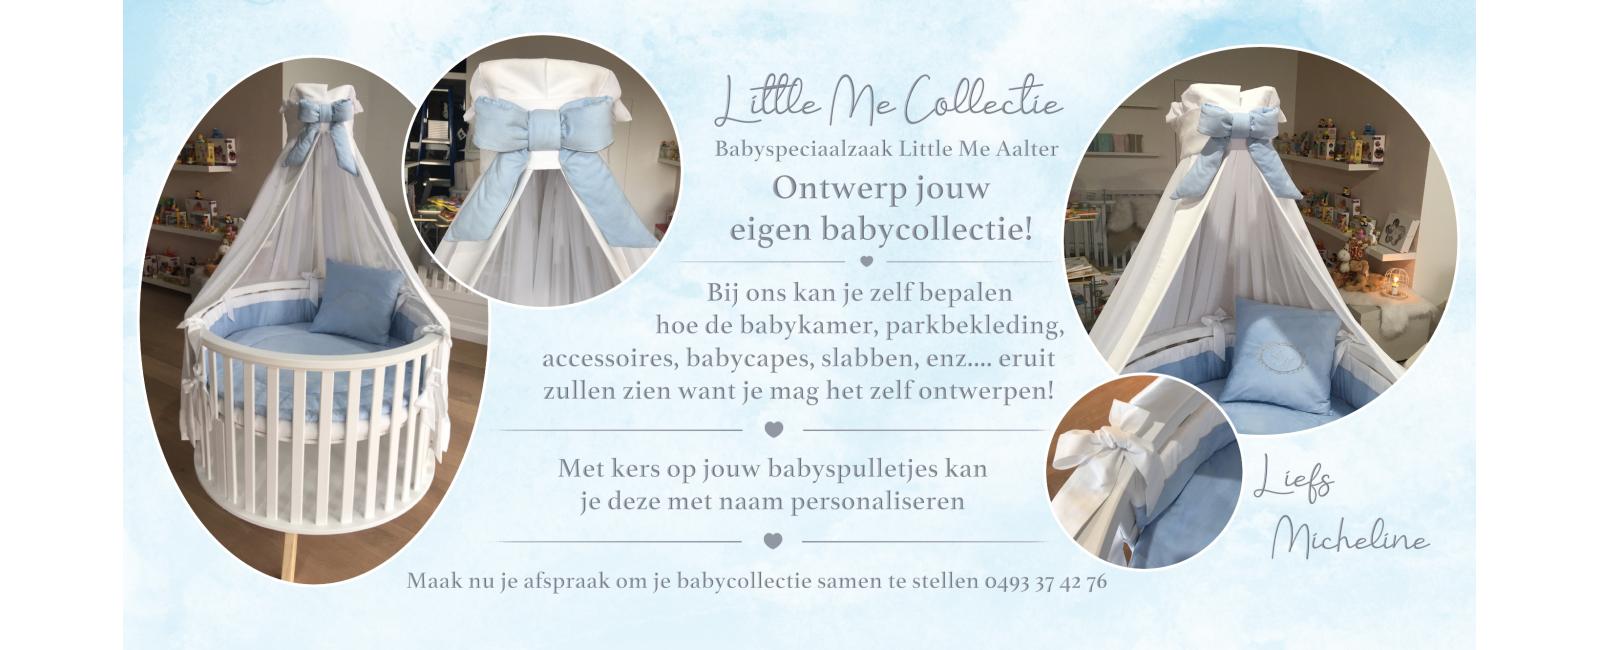 Personaliseer je eigen babyuitzet